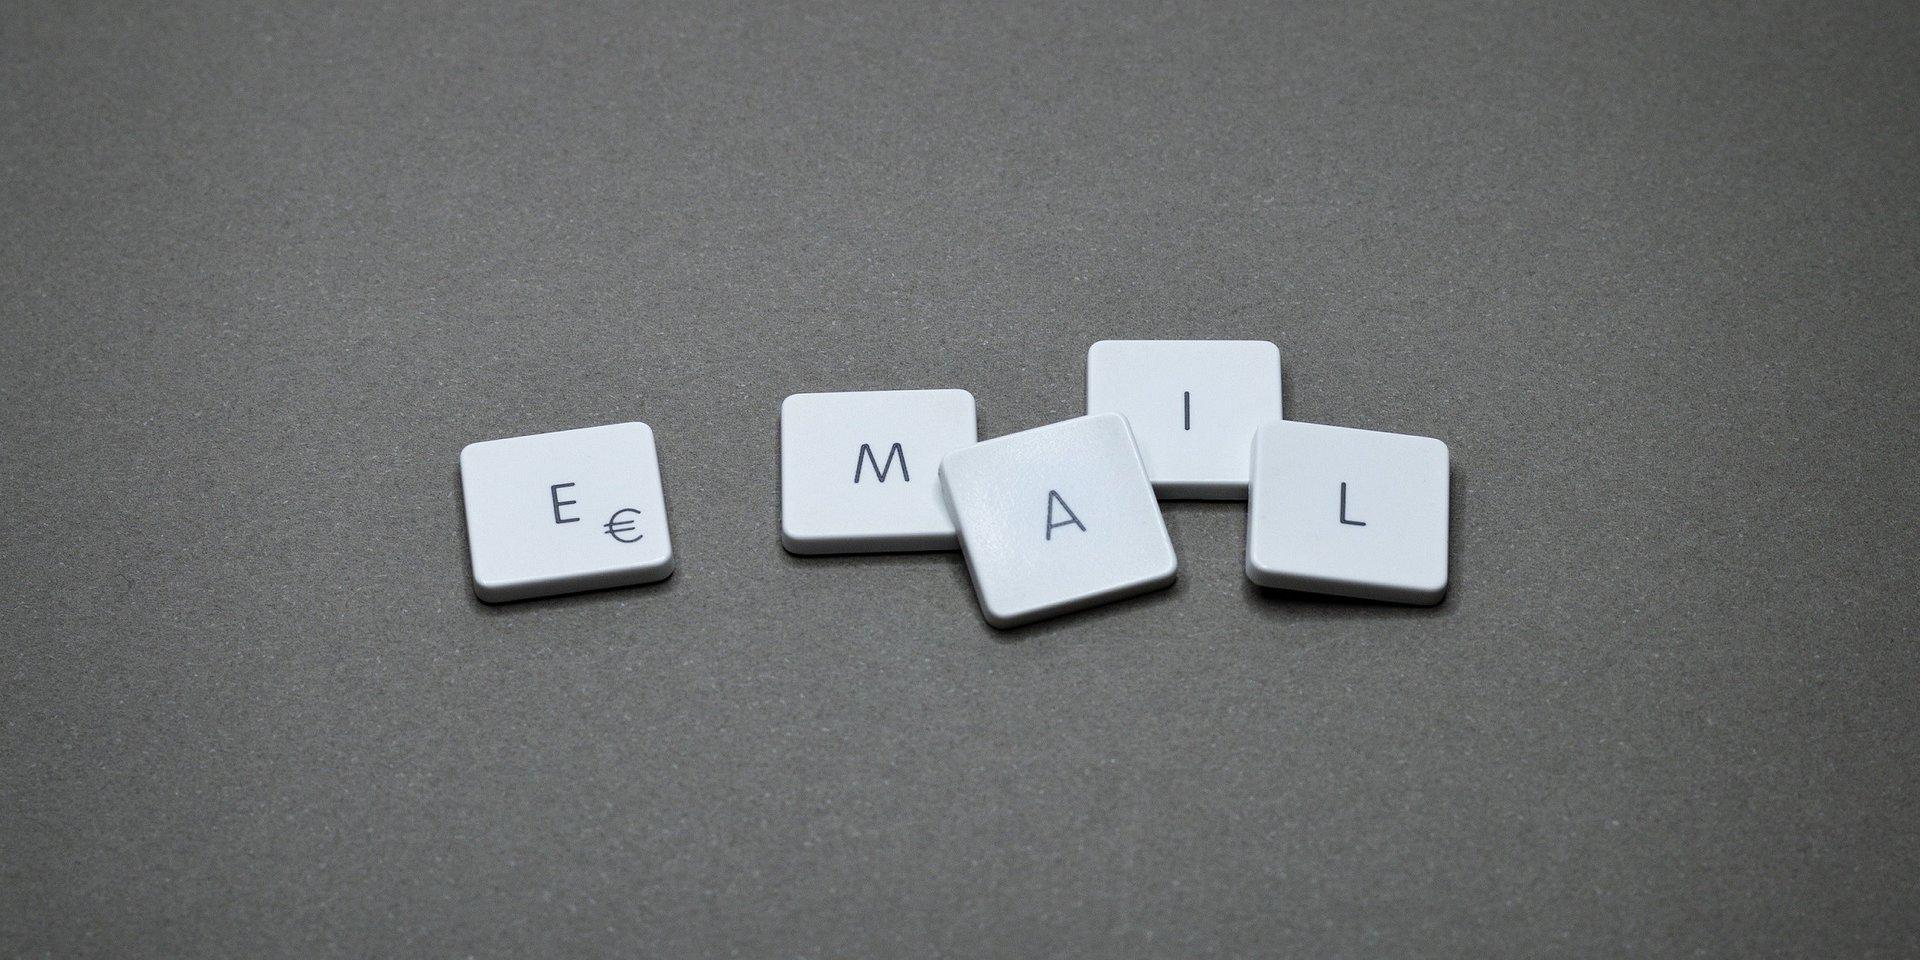 Po odejściu pracownika firma może korzystać z jego adresu e-mail, ale tylko w niektórych sytuacjach